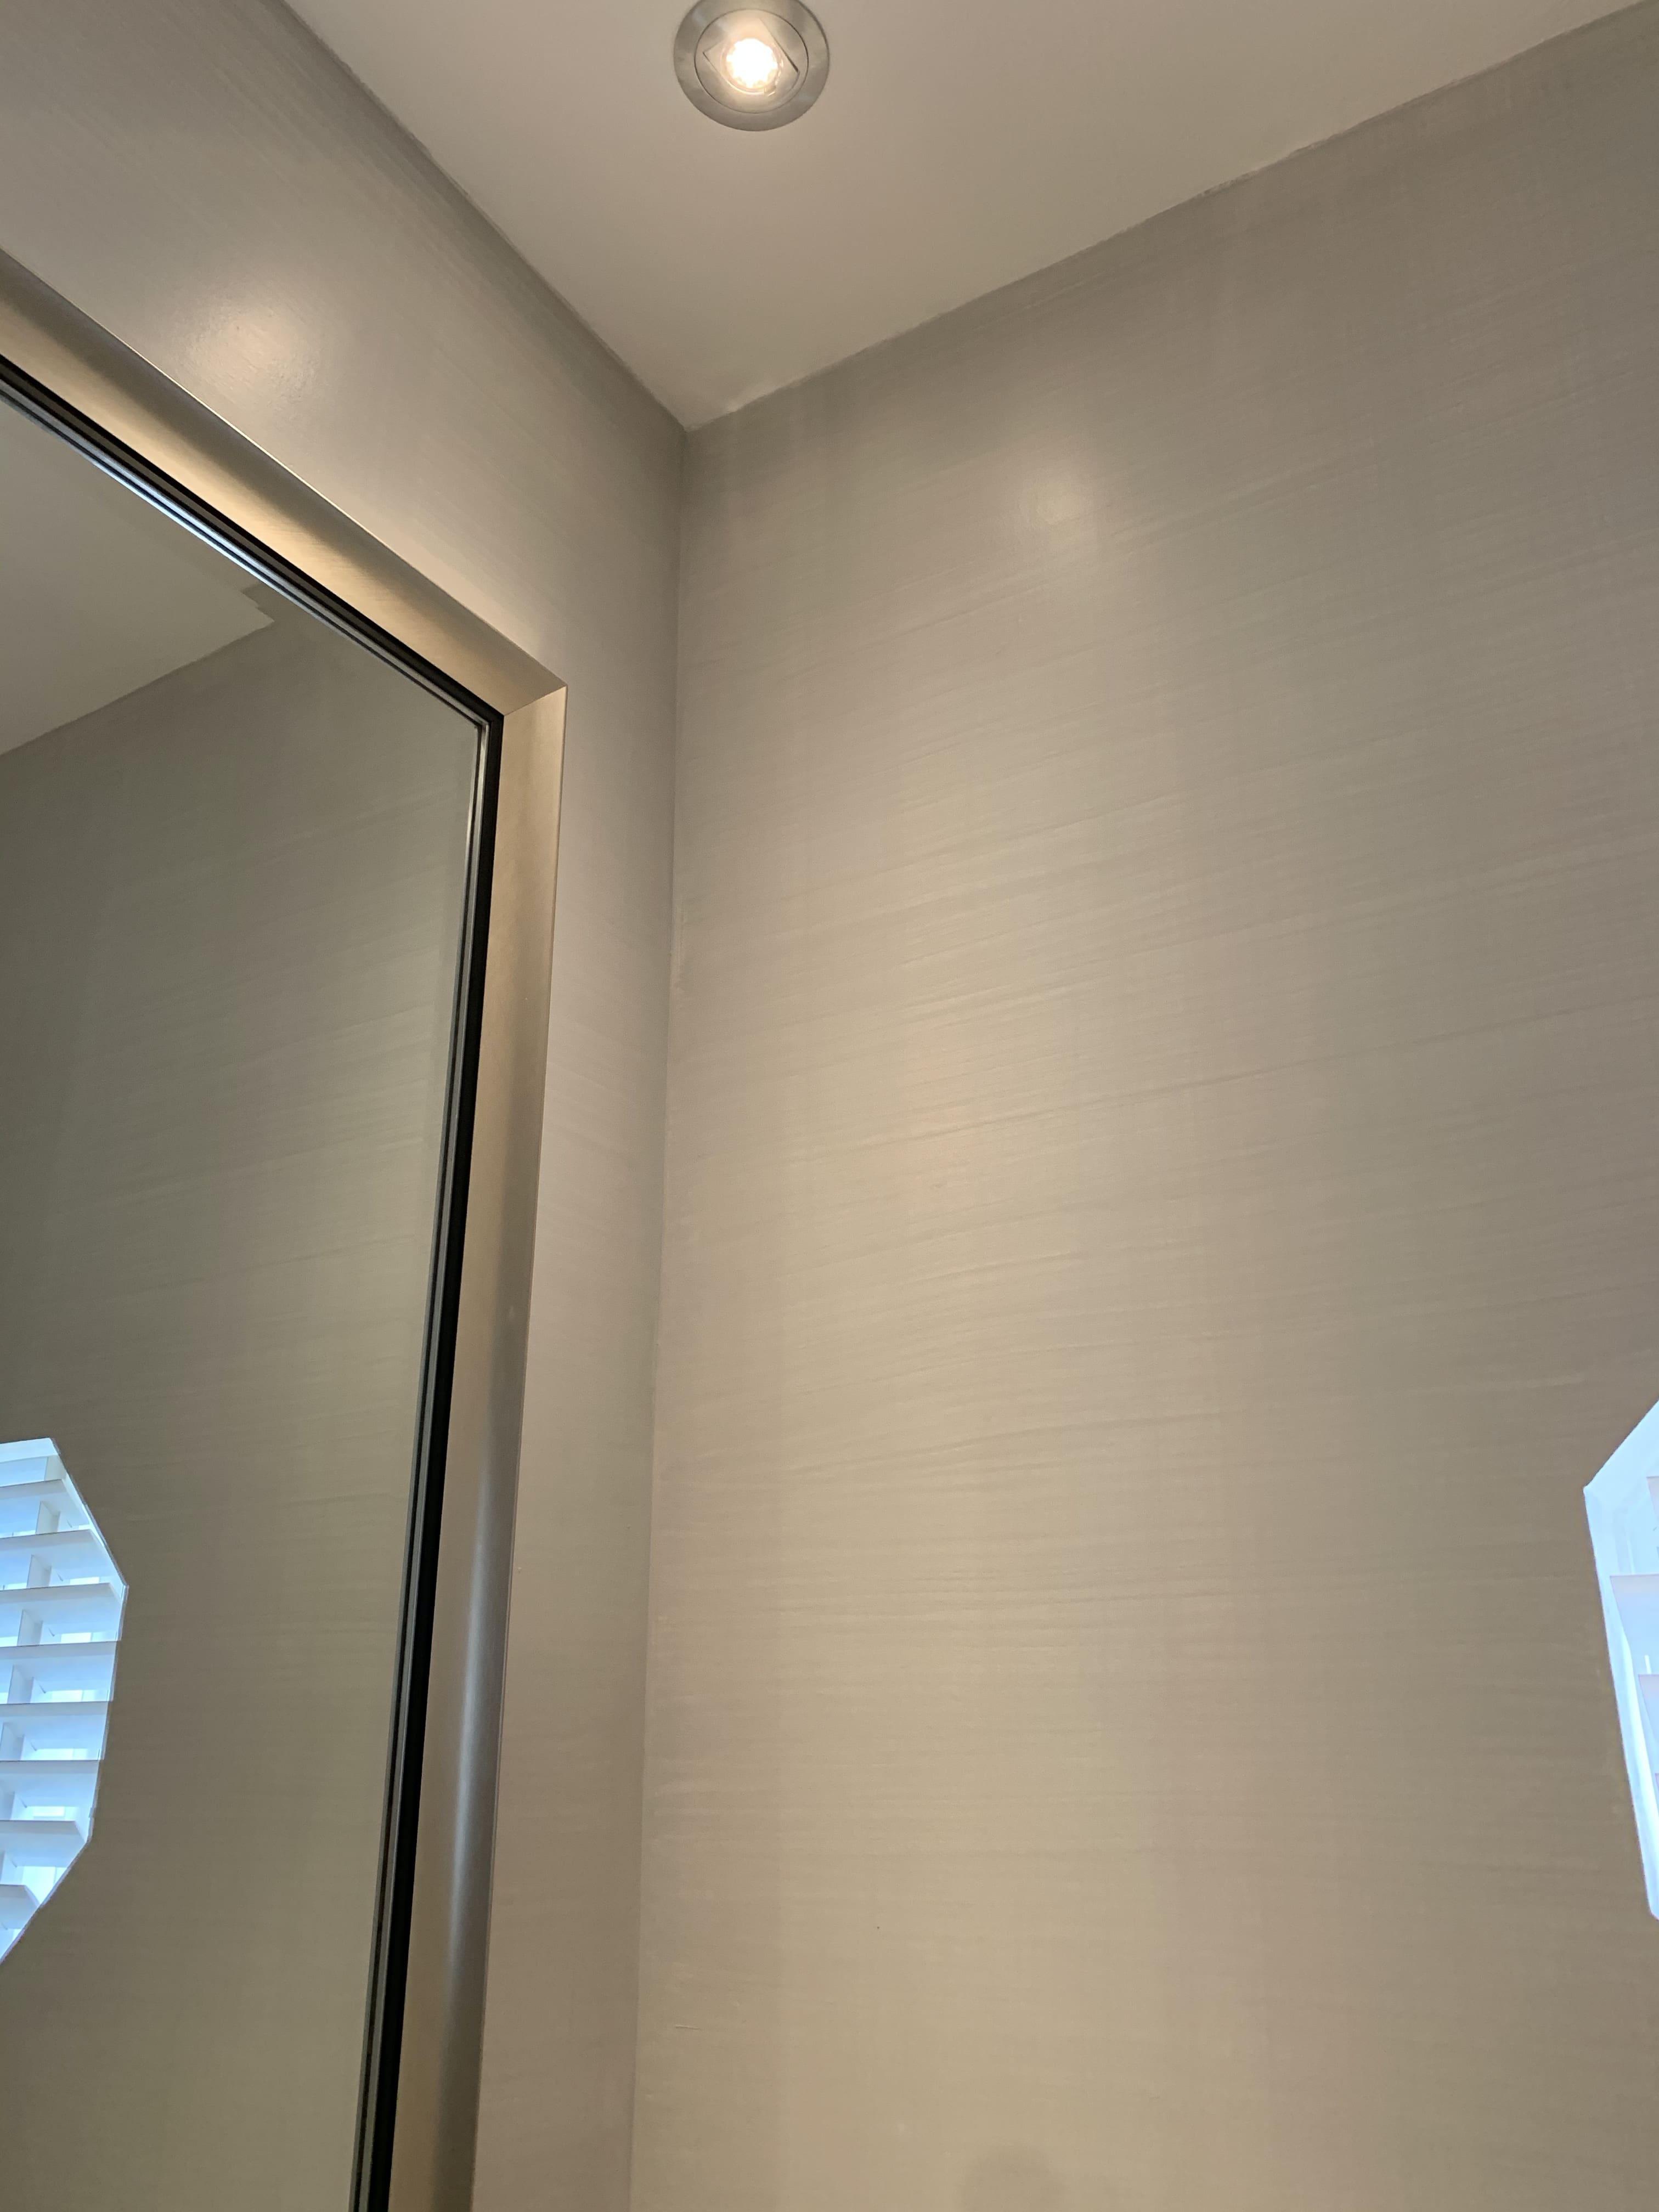 Linen Plaster walls